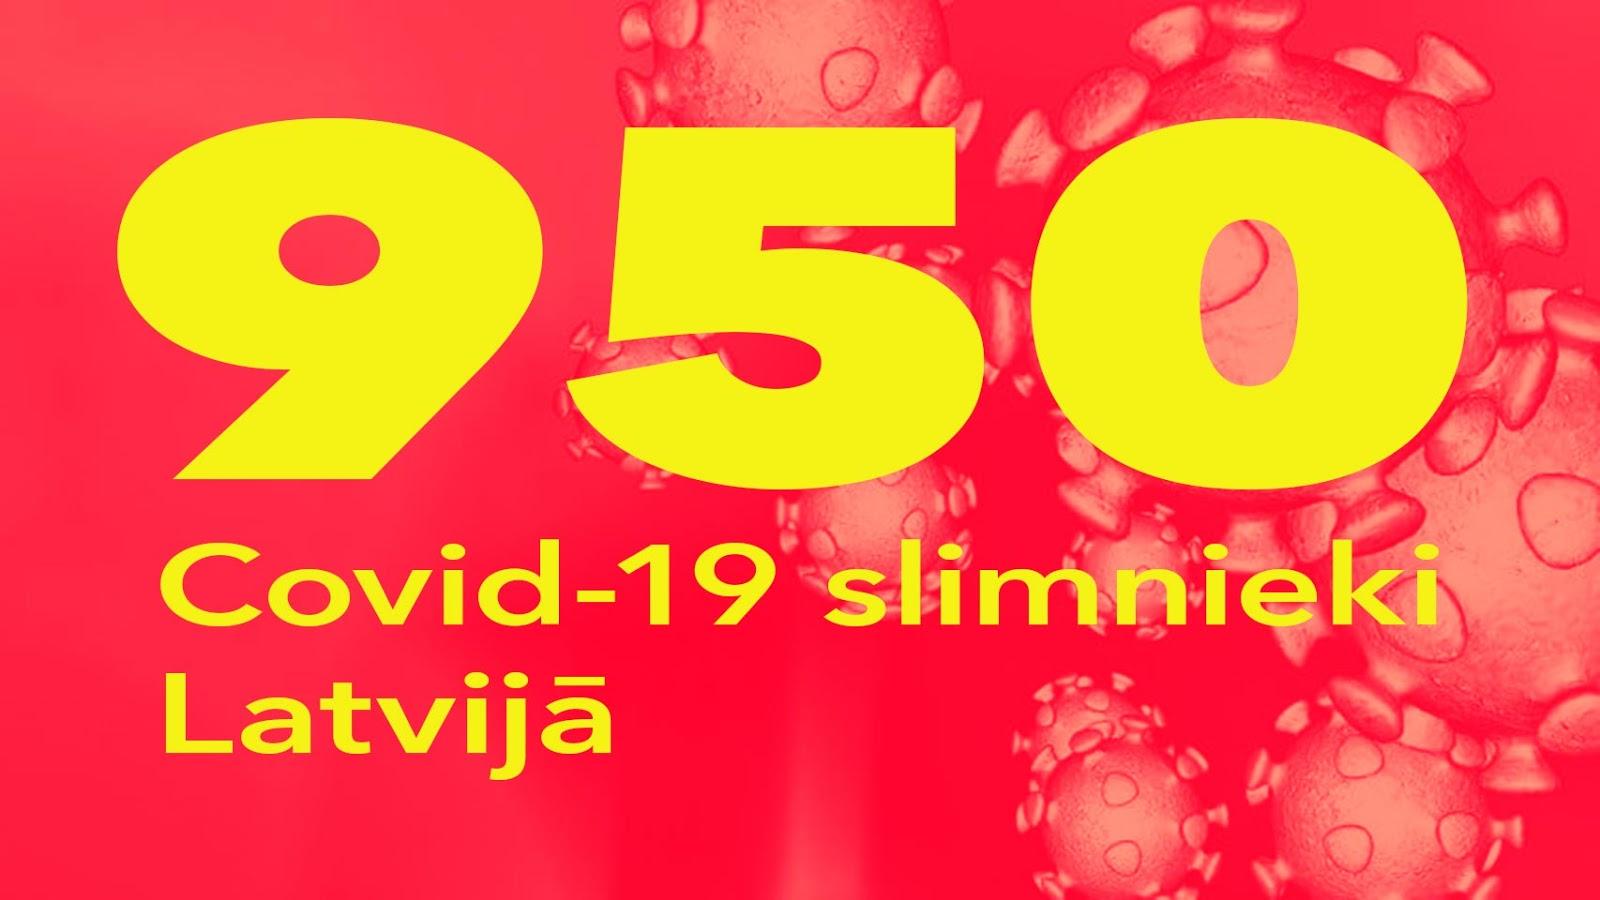 Koronavīrusa saslimušo skaits Latvijā 12.05.2020.